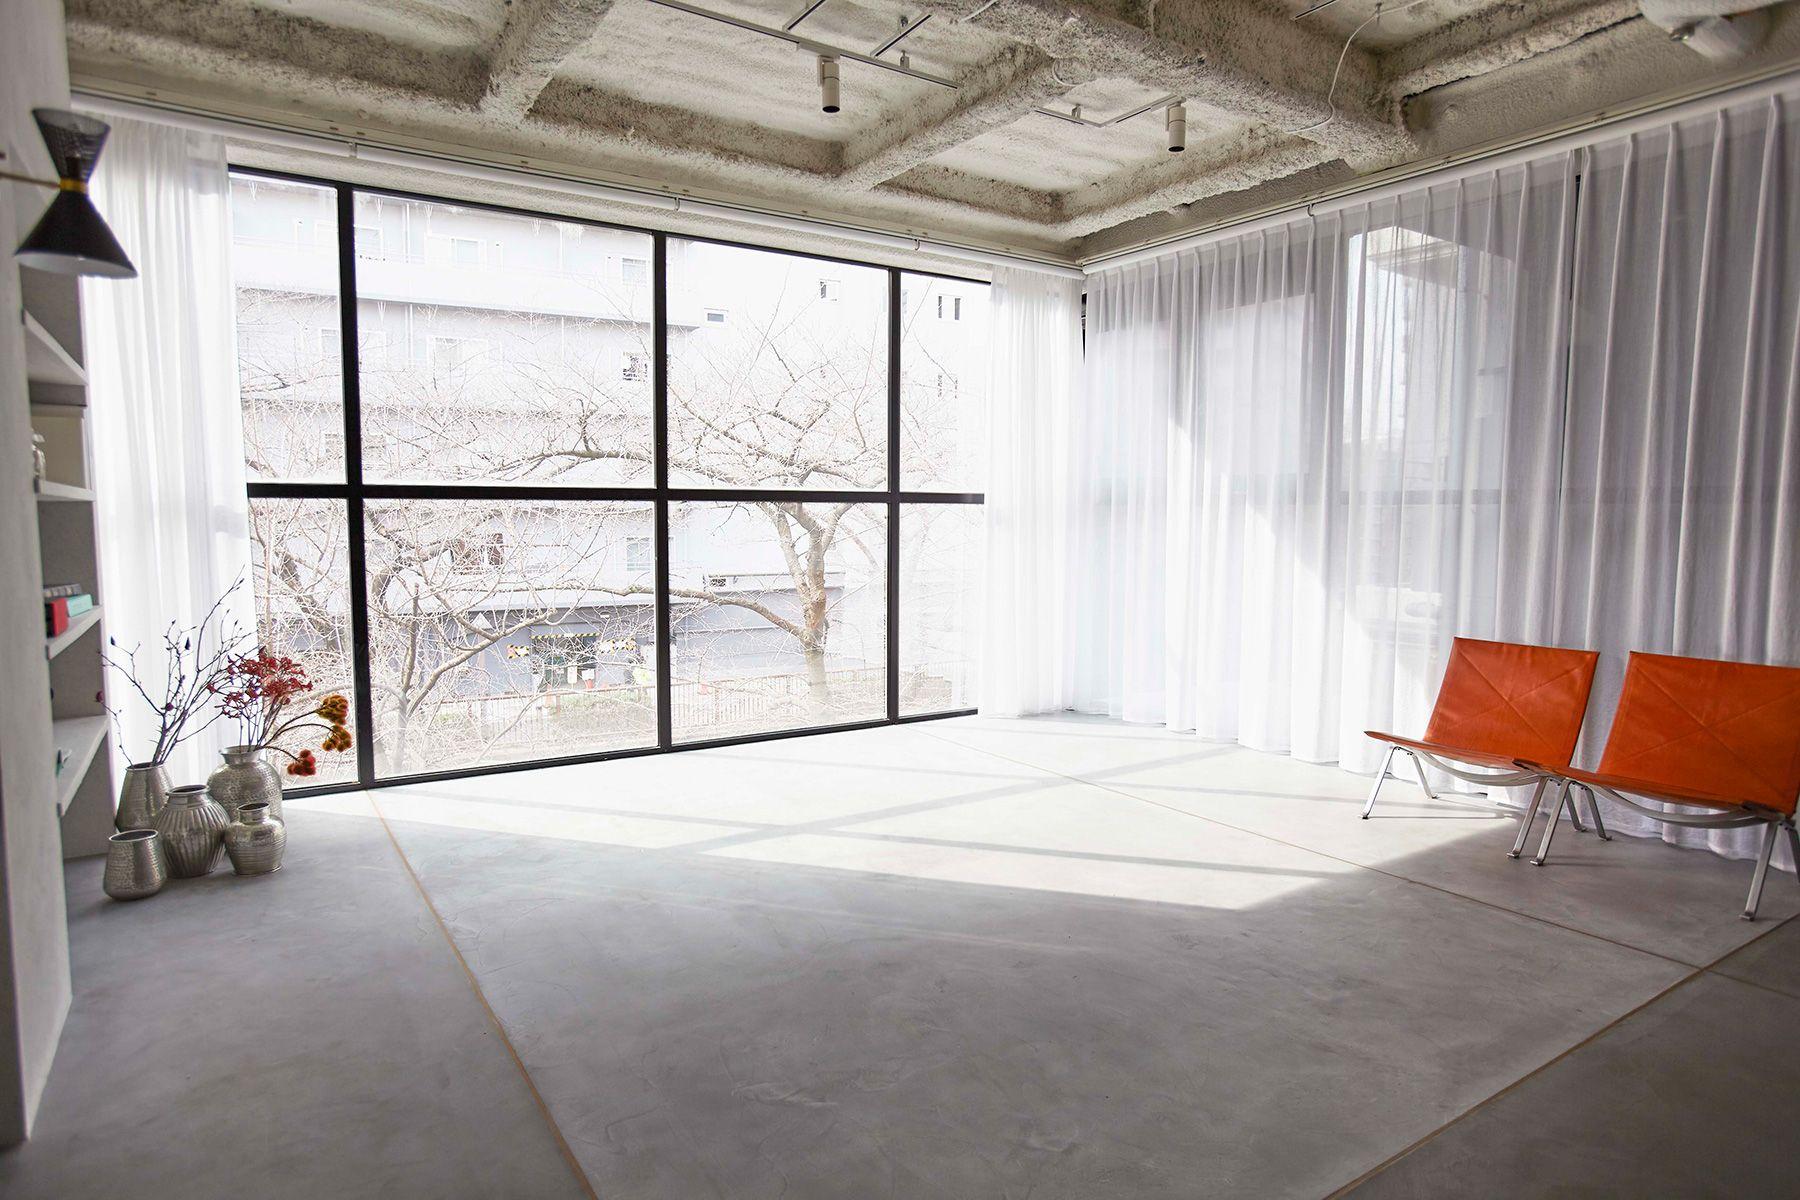 BASE STUDIO 2F +STYLE (ベーススタジオ 2F +スタイル)正面が目黒川沿いの桜並木